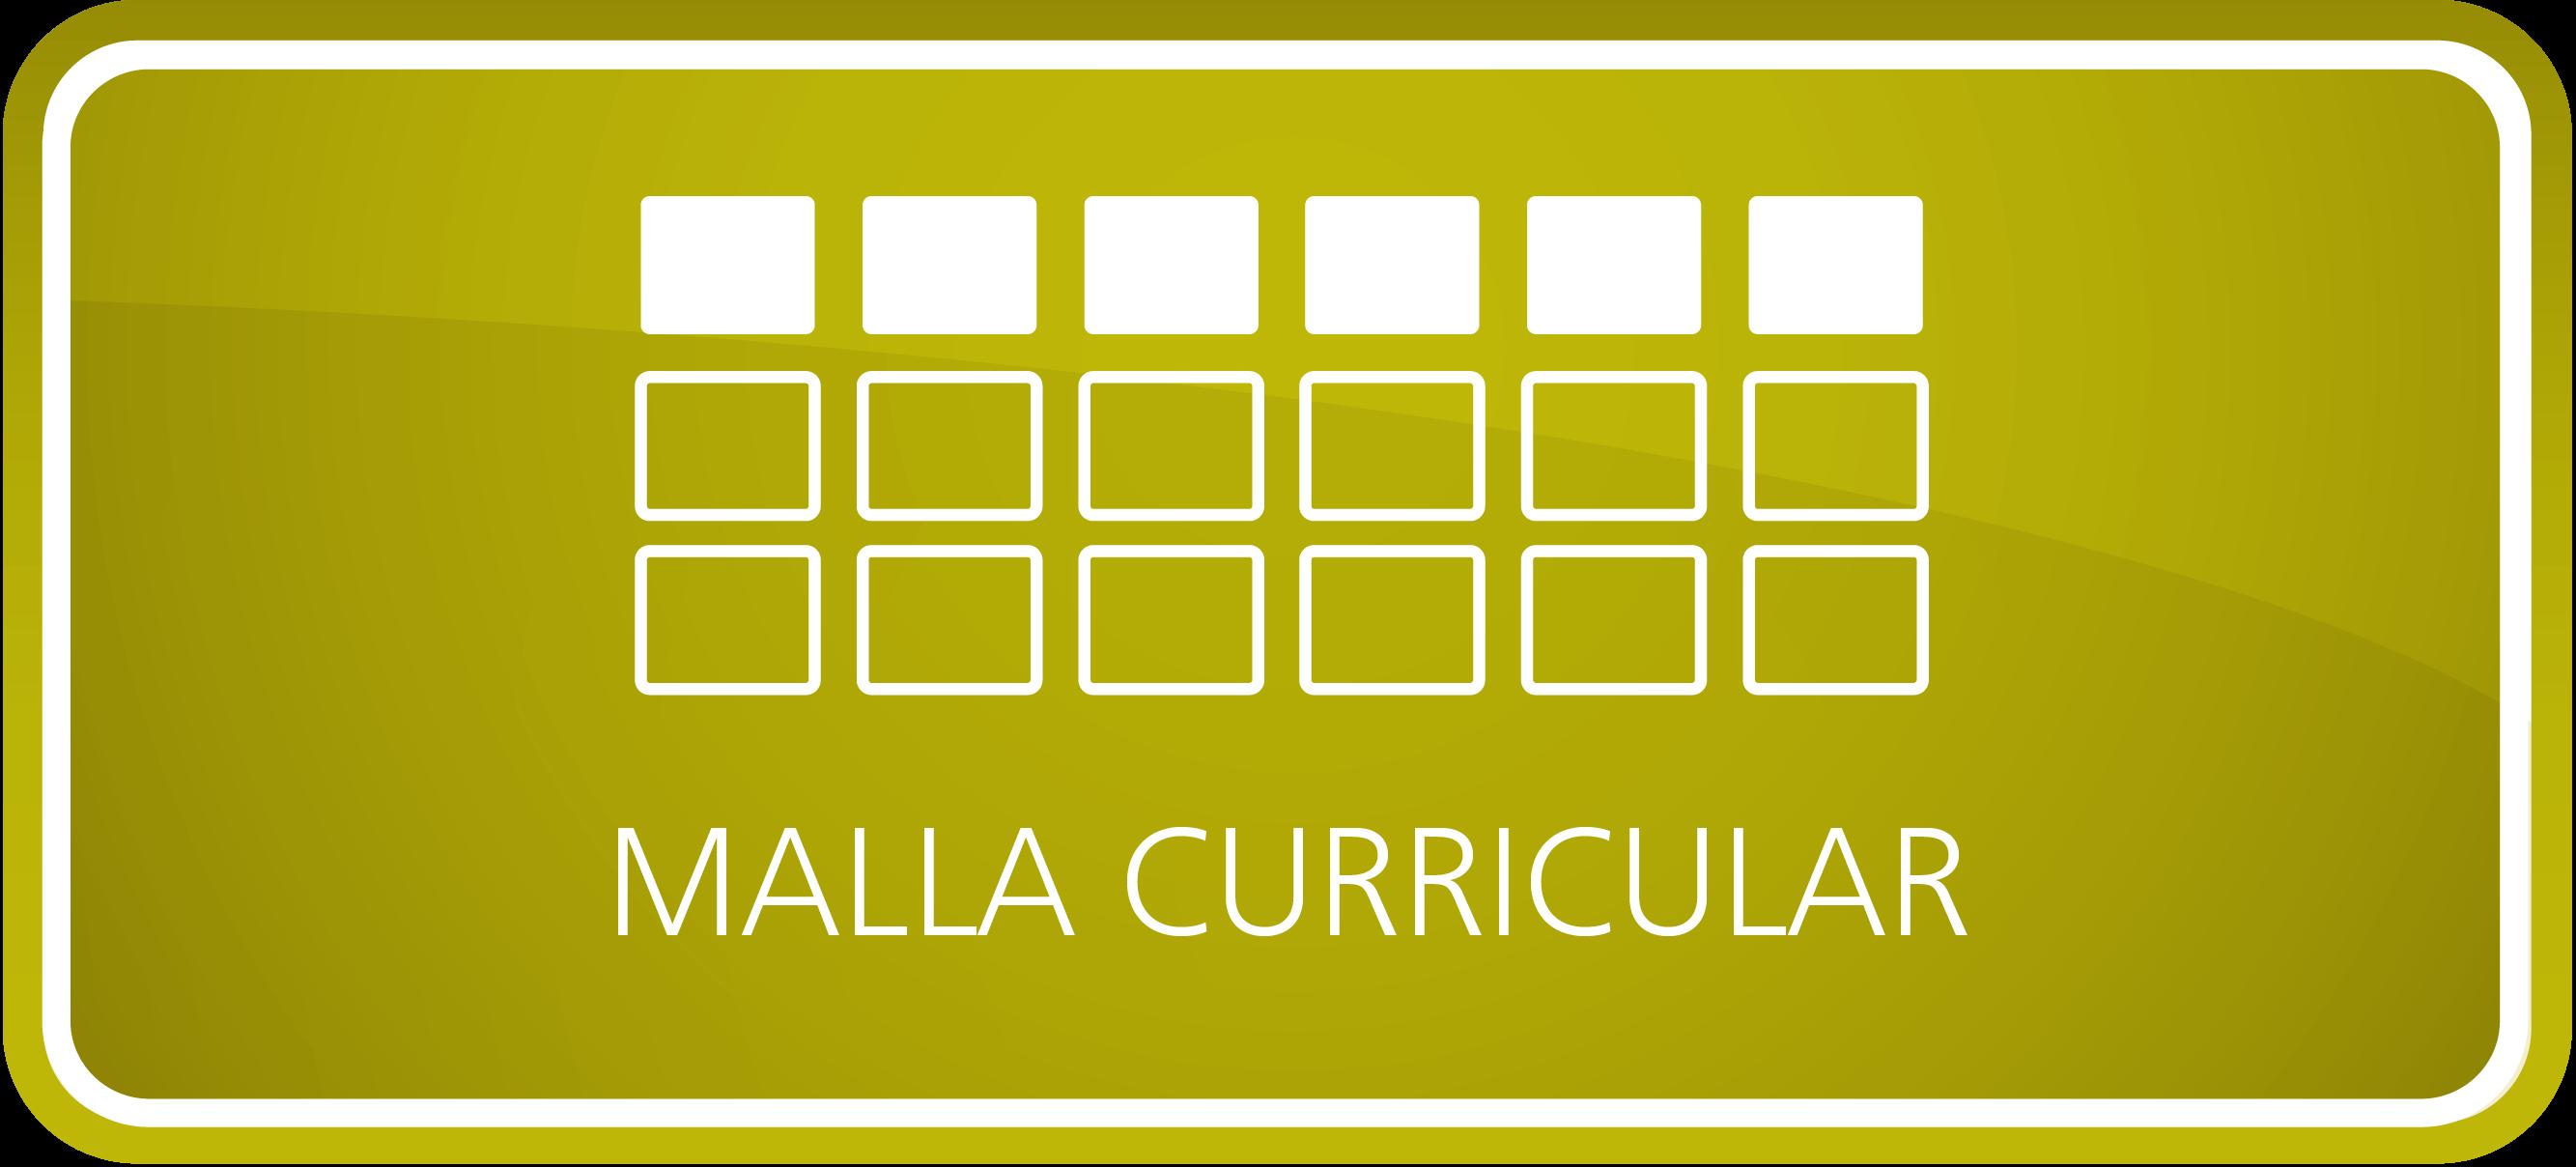 Malla-Curricular